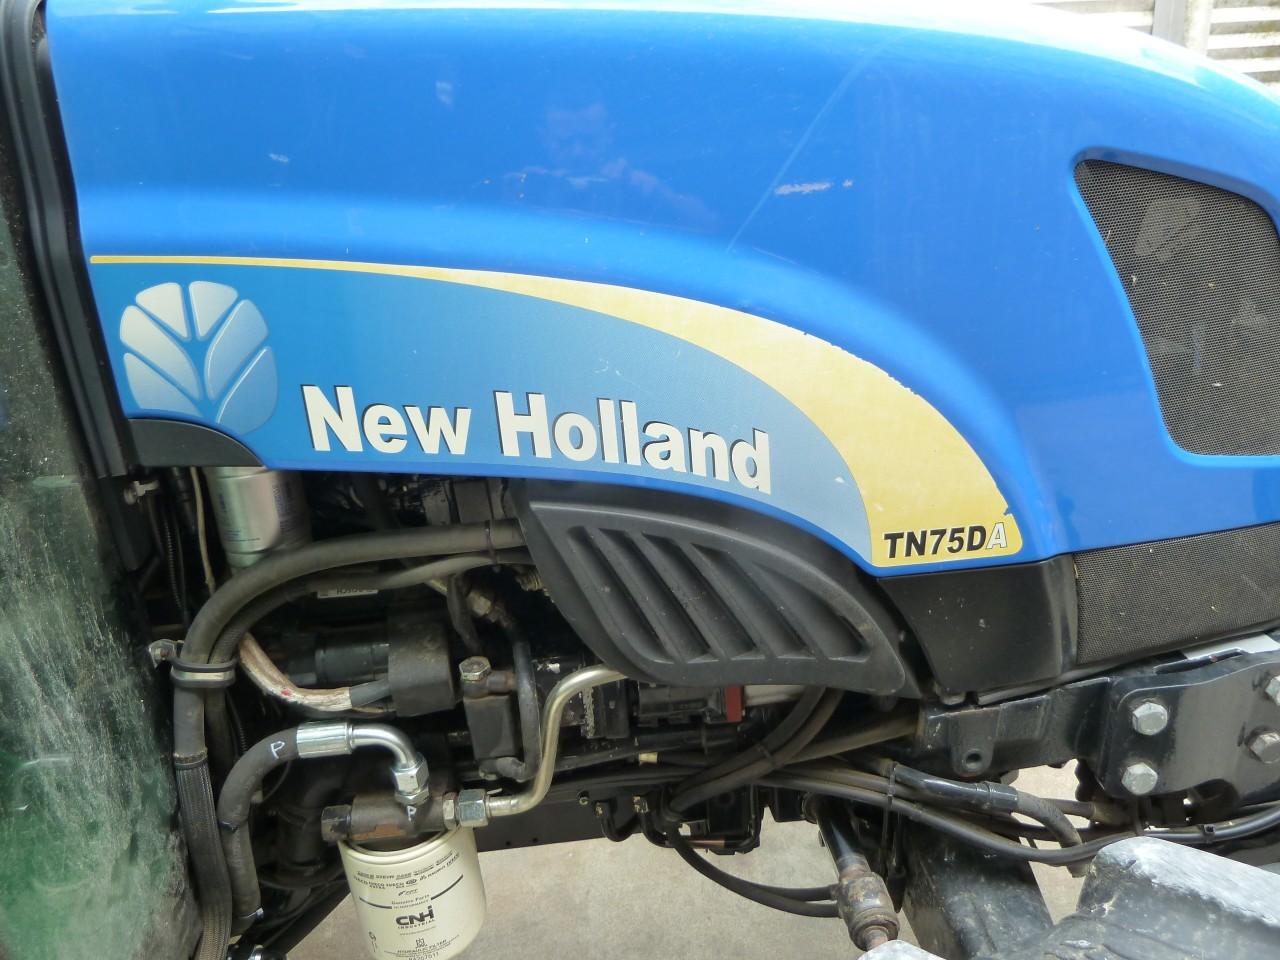 Impianto di frenatura idraulico monolinea tipo CUNA su trattore NEW HOLLAND TN 75 DA DT CAB